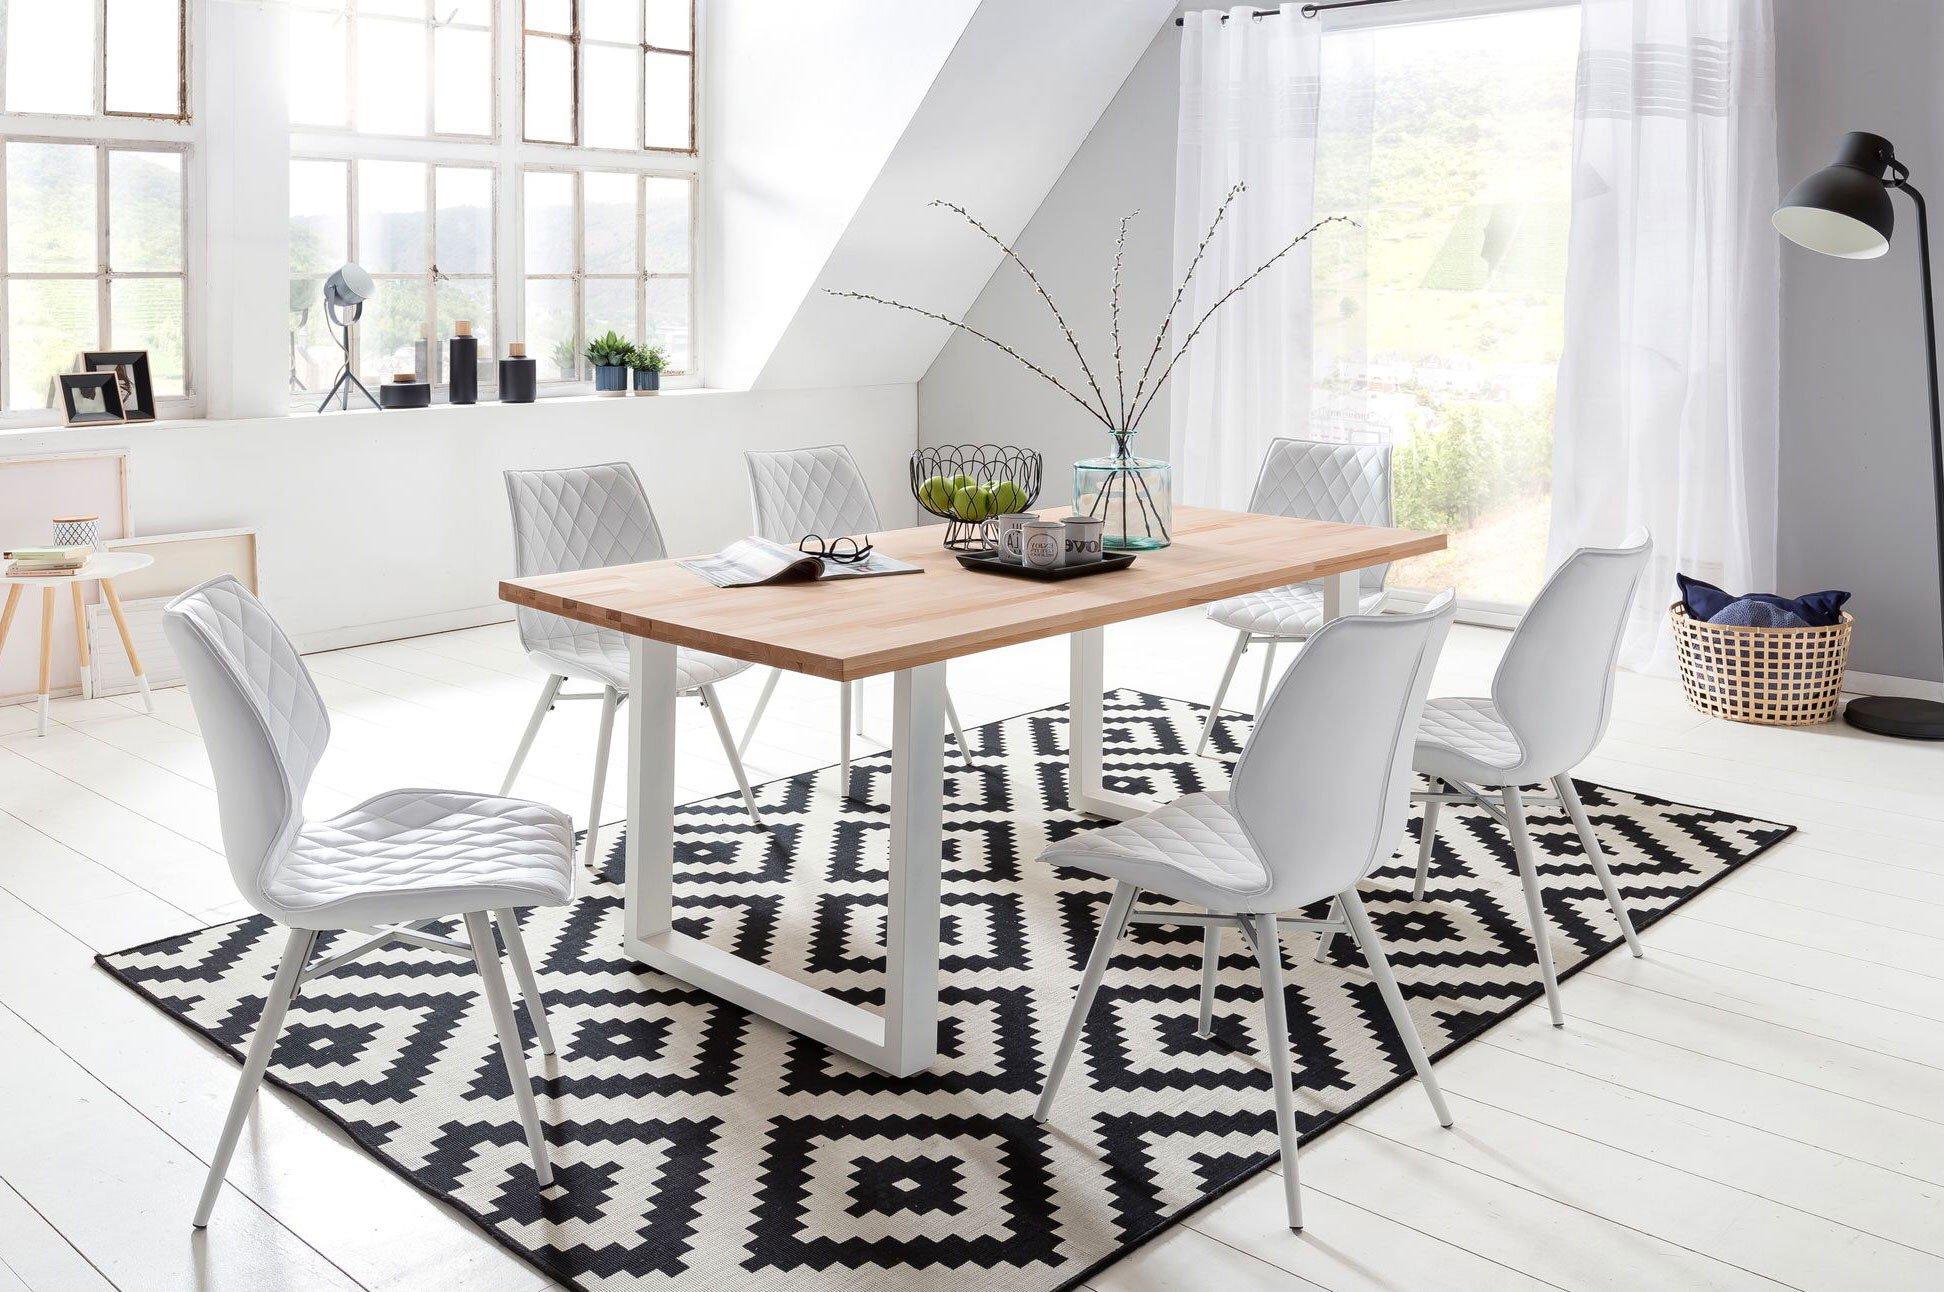 Tisch Palm Beach Buche Kufengestell Weiß Von Massivdirekt Möbel